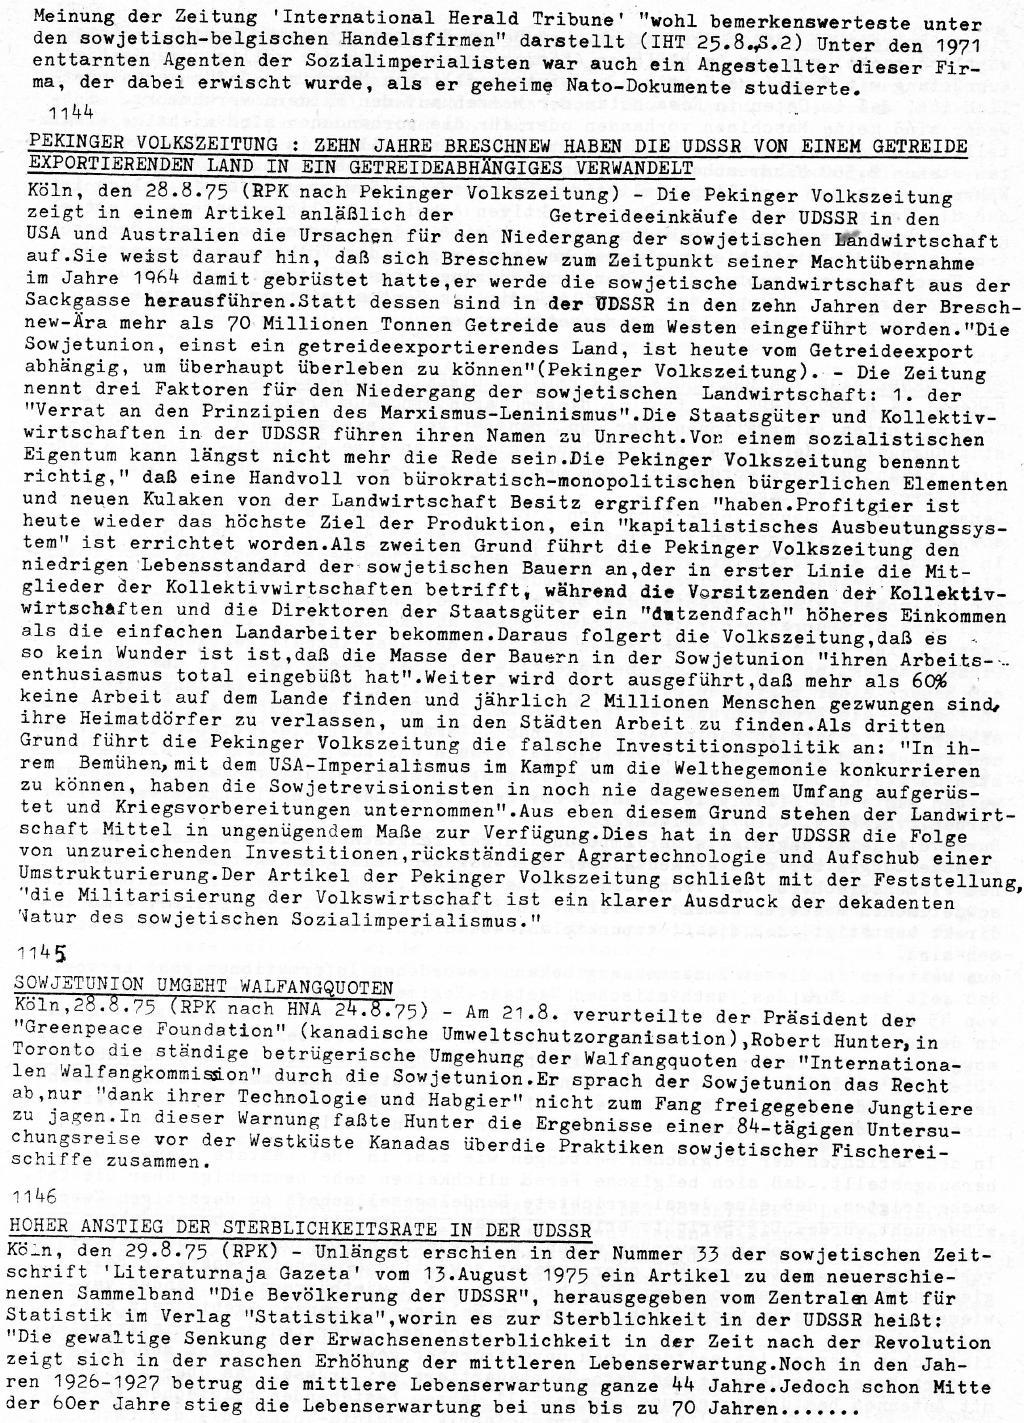 RPK_Pressedienst_1975_41_12